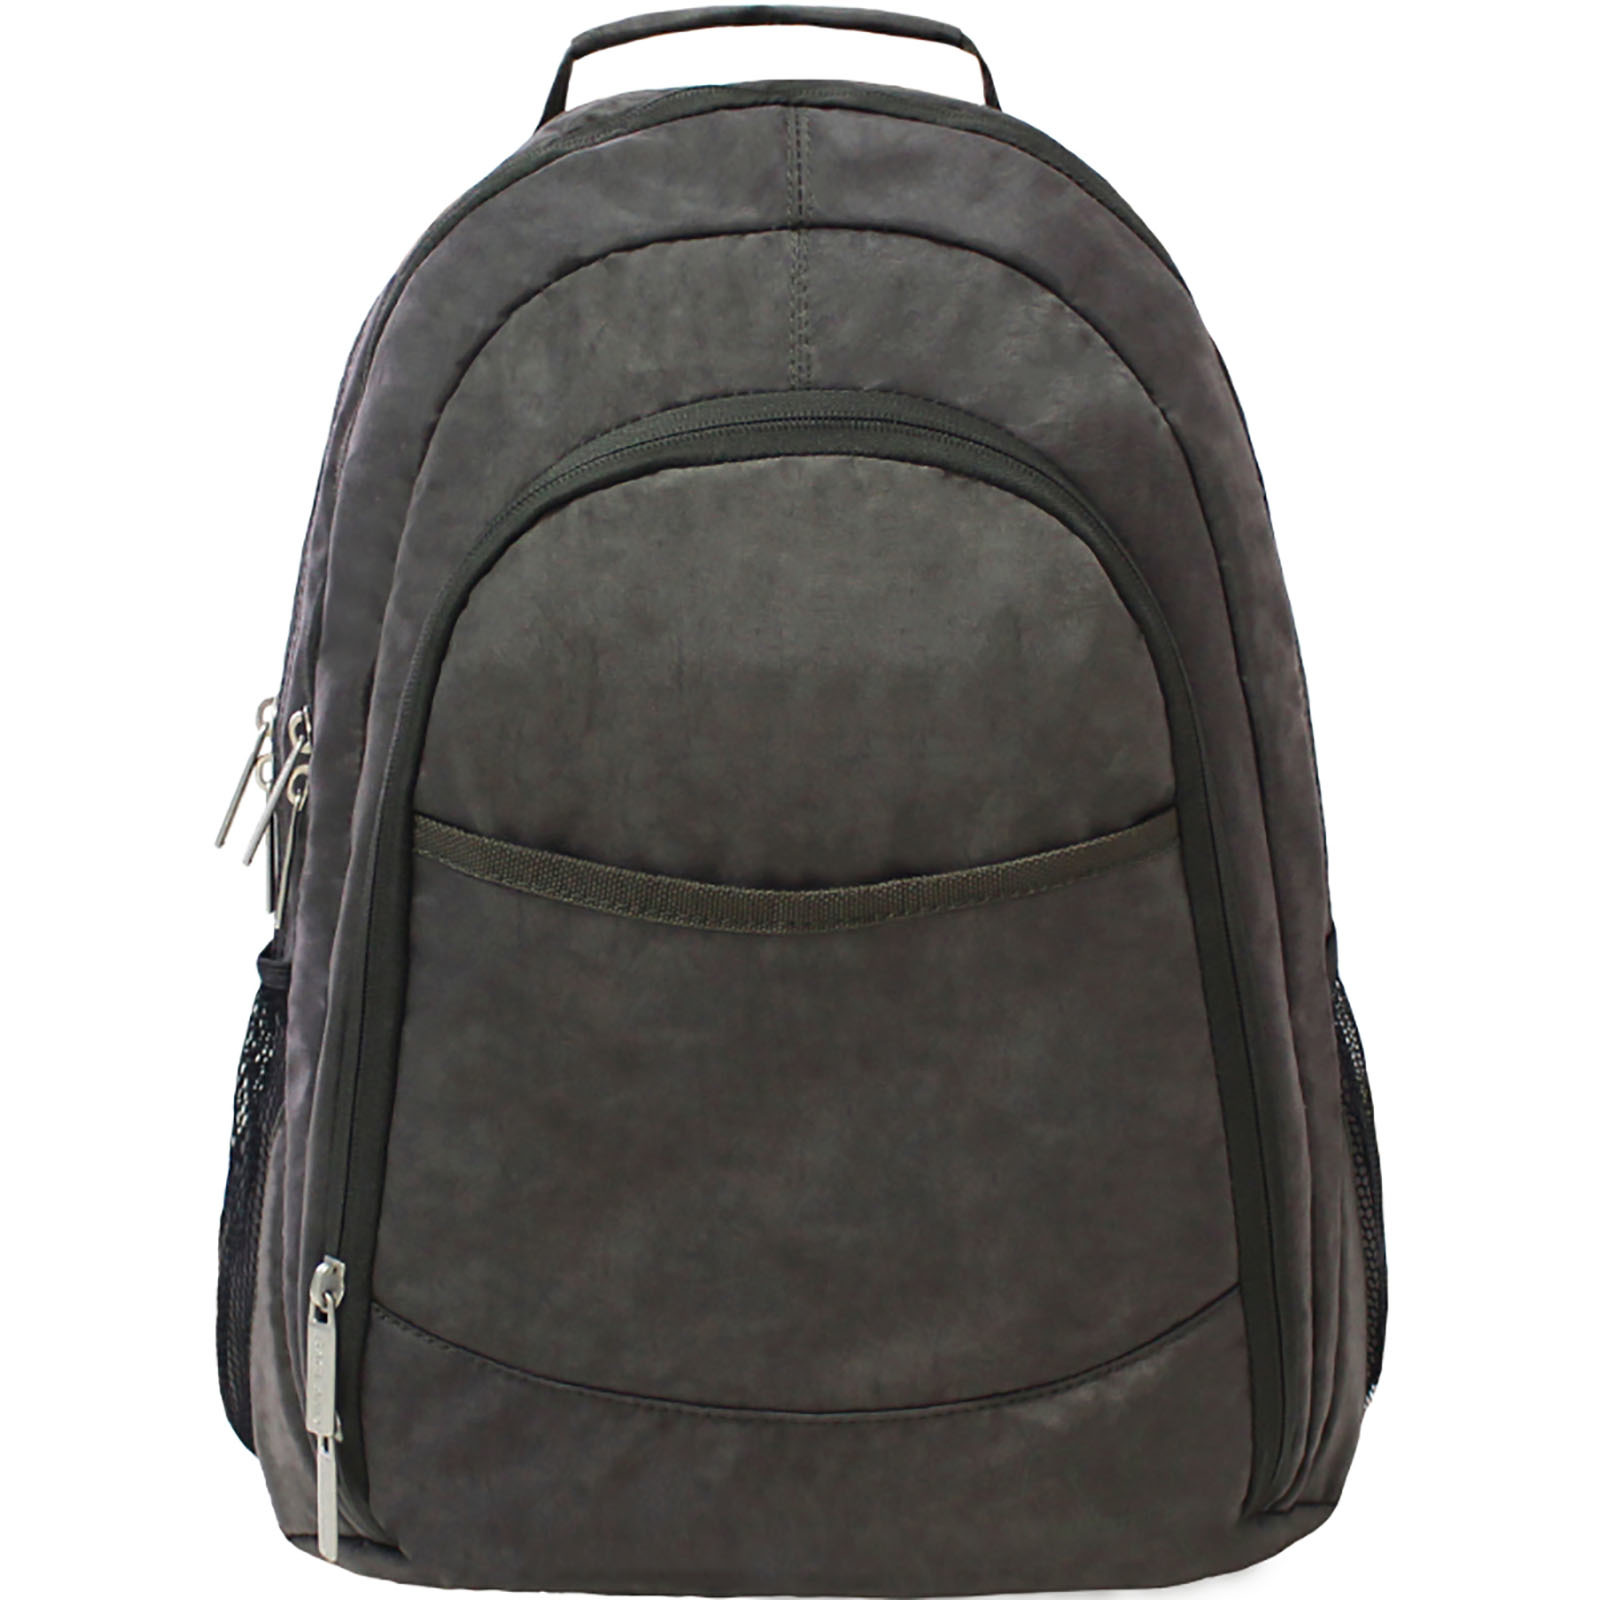 Городские рюкзаки Рюкзак Bagland Сити 32 л. Хаки (0018070) Screenshot_3.jpg